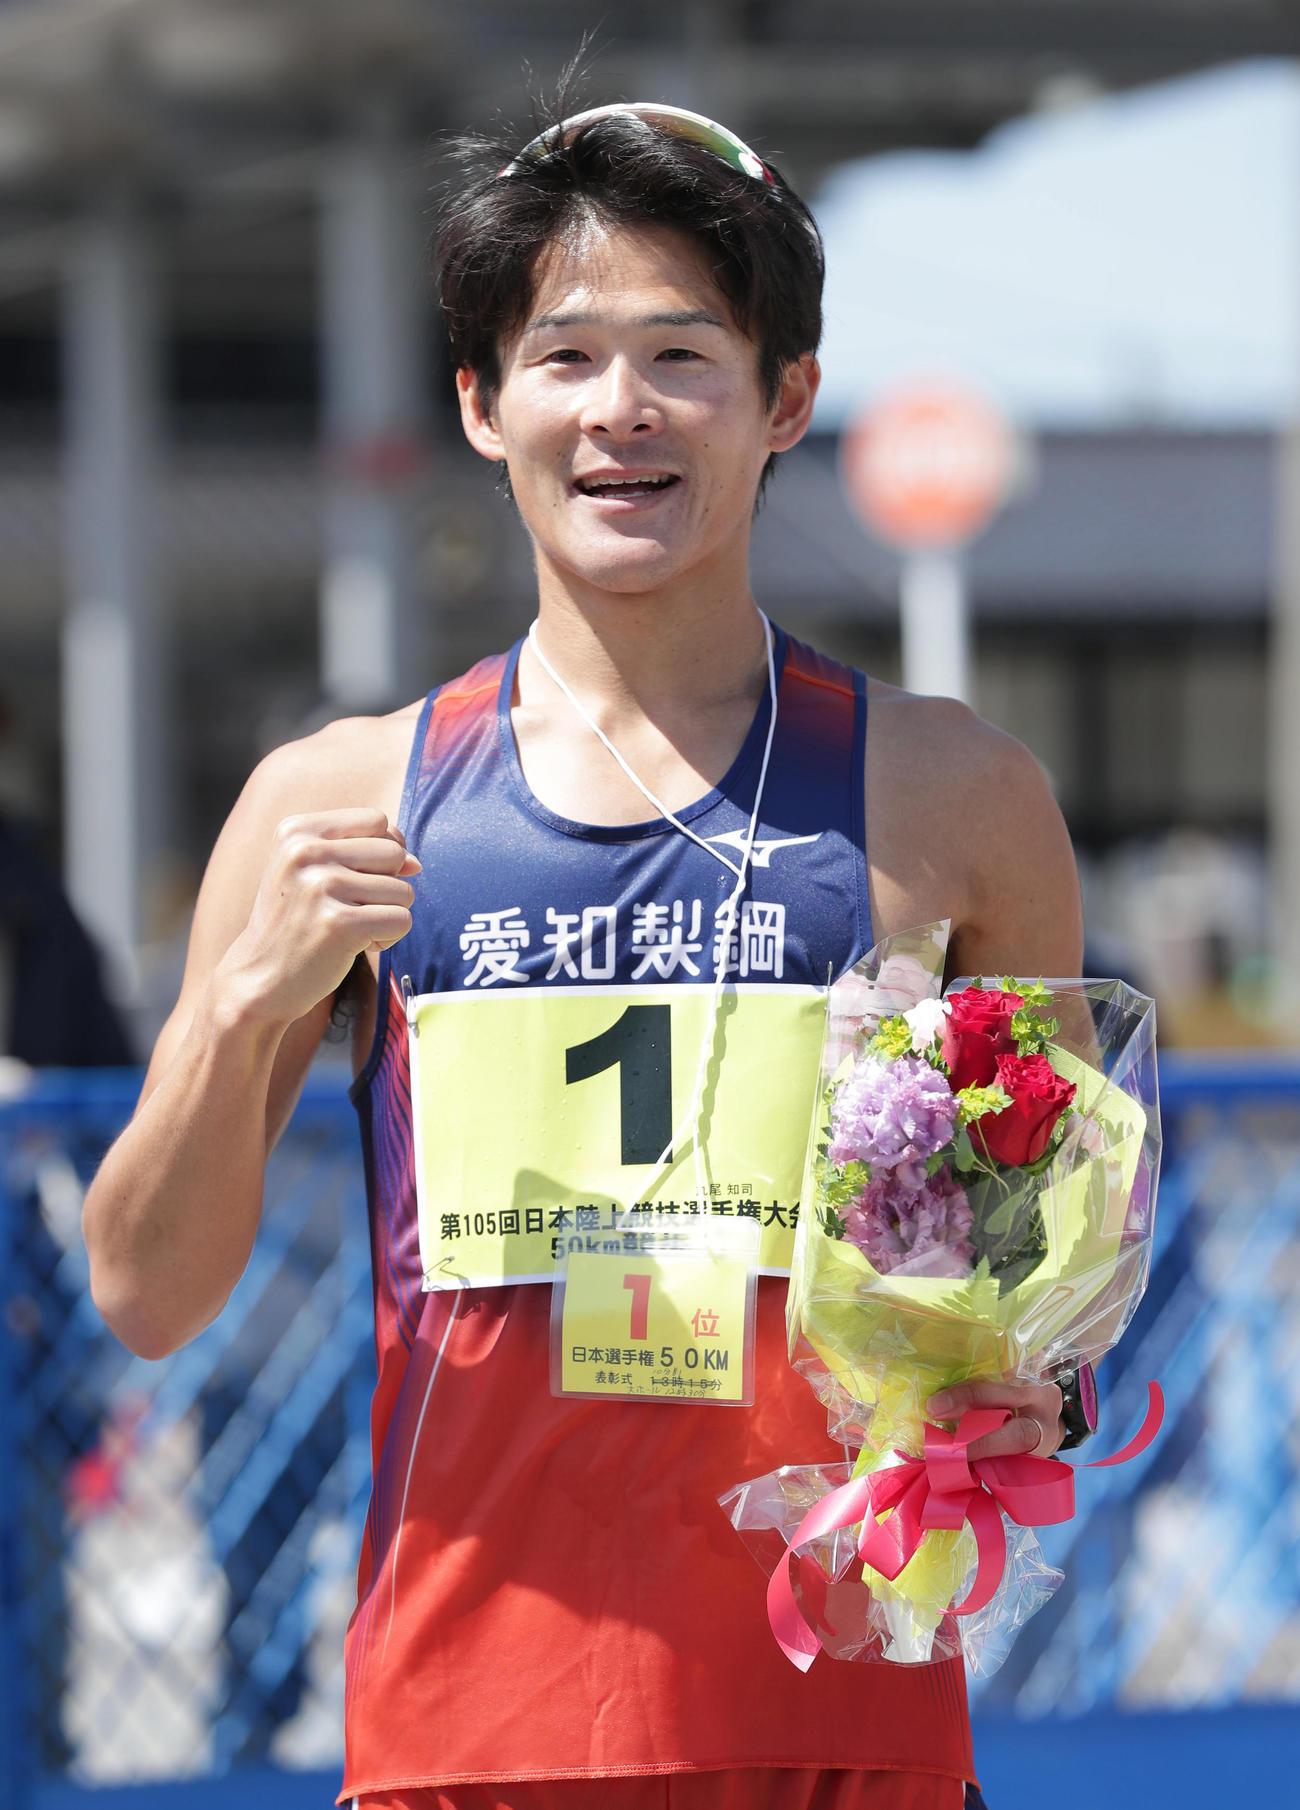 1位でゴールし50キロ競歩東京五輪代表を内定させ、笑顔でガッツポーズする丸尾(撮影・前田充)